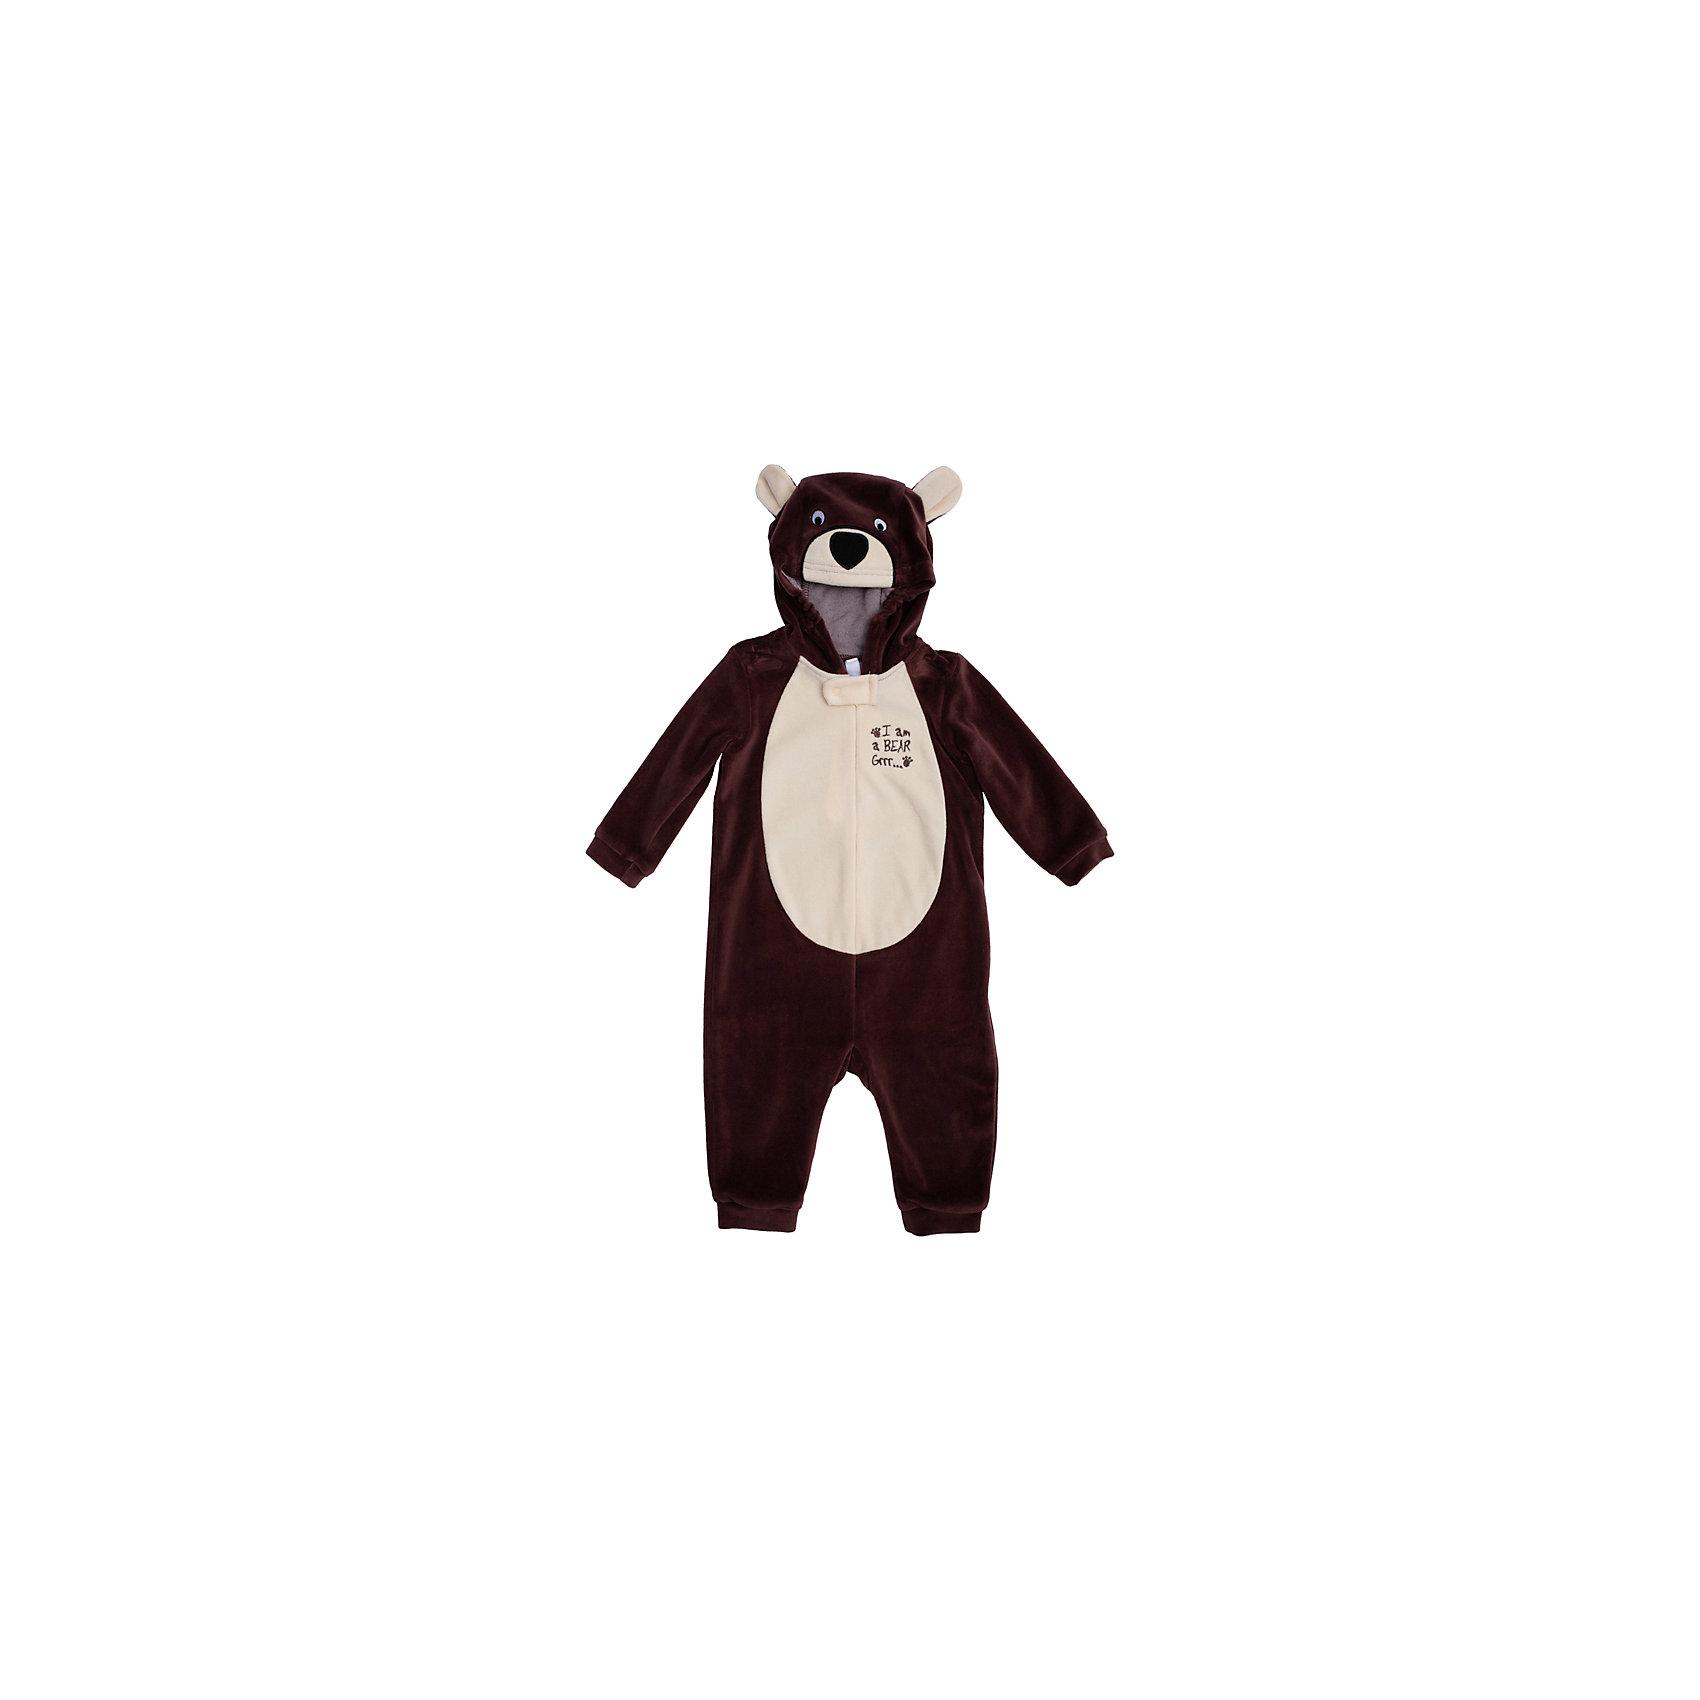 Комбинезон для мальчика PlayTodayХарактеристики:<br><br>• Вид одежды: комбинезон<br>• Предназначение: карнавальный костюм, повседневная одежда<br>• Пол: для мальчика<br>• Сезон: зима, демисезонный<br>• Материал: хлопок – 80%, полиэстер – 20%<br>• Цвет: коричневый, светло-бежевый<br>• Рукав: длинный<br>• Вырез горловины: круглый<br>• Застежка: молния спереди<br>• Наличие капюшона<br>• Особенности ухода: ручная стирка без применения отбеливающих средств, глажение при низкой температуре <br><br>PlayToday – это линейка детской одежды, которая предназначена как для повседневности, так и для праздников. Большинство моделей выполнены в классическом стиле, сочетающем в себе традиции с яркими стильными элементами и аксессуарами. Весь ассортимент одежды сочетается между собой по стилю и цветовому решению, поэтому Вам будет легко сформировать гардероб вашего ребенка, который отражает его индивидуальность. <br>Комбинезон для мальчика PlayToday – яркий, стильный и оригинальный наряд, который может быть использован не только в качестве теплой одежды, но и в качестве карнавального костюма. Комбинезон выполнен из велюра высокого качества. Стиль комбинезона представляет собой имитацию медвежонка: коричневые детали сочетаются со светлой грудкой, и капюшоном-мордочкой с ушками. На рукавах и штанинах предусмотрены эластичные манжеты коричневого цвета. Комбинезон удобно надевать и снимать: спереди по всей длине имеется застежка-молния. <br><br>Комбинезон для мальчика PlayToday можно купить в нашем интернет-магазине.<br><br>Ширина мм: 157<br>Глубина мм: 13<br>Высота мм: 119<br>Вес г: 200<br>Цвет: коричневый<br>Возраст от месяцев: 3<br>Возраст до месяцев: 6<br>Пол: Мужской<br>Возраст: Детский<br>Размер: 68,80,86,92,74<br>SKU: 5059477